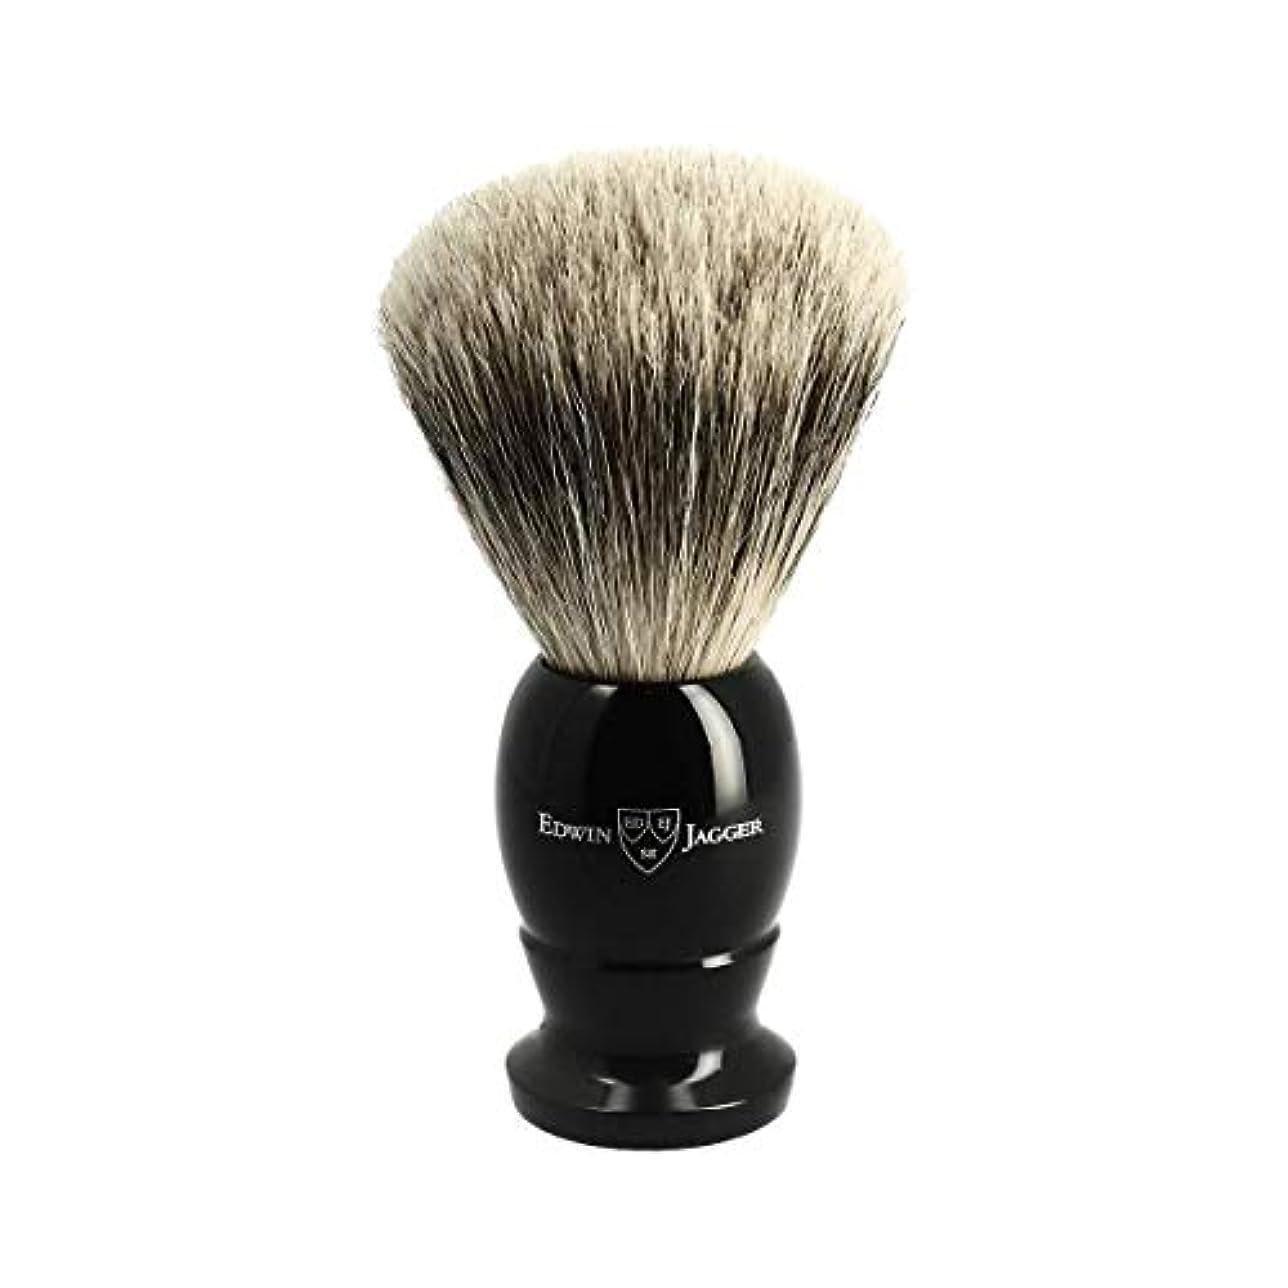 スプリット前中国エドウィンジャガー ベストバッジャーアナグマ毛 エボニーシェービングブラシ大3EJ876[海外直送品]Edwin Jagger Best Badger Ebony Shaving Brush Large 3EJ876 [...